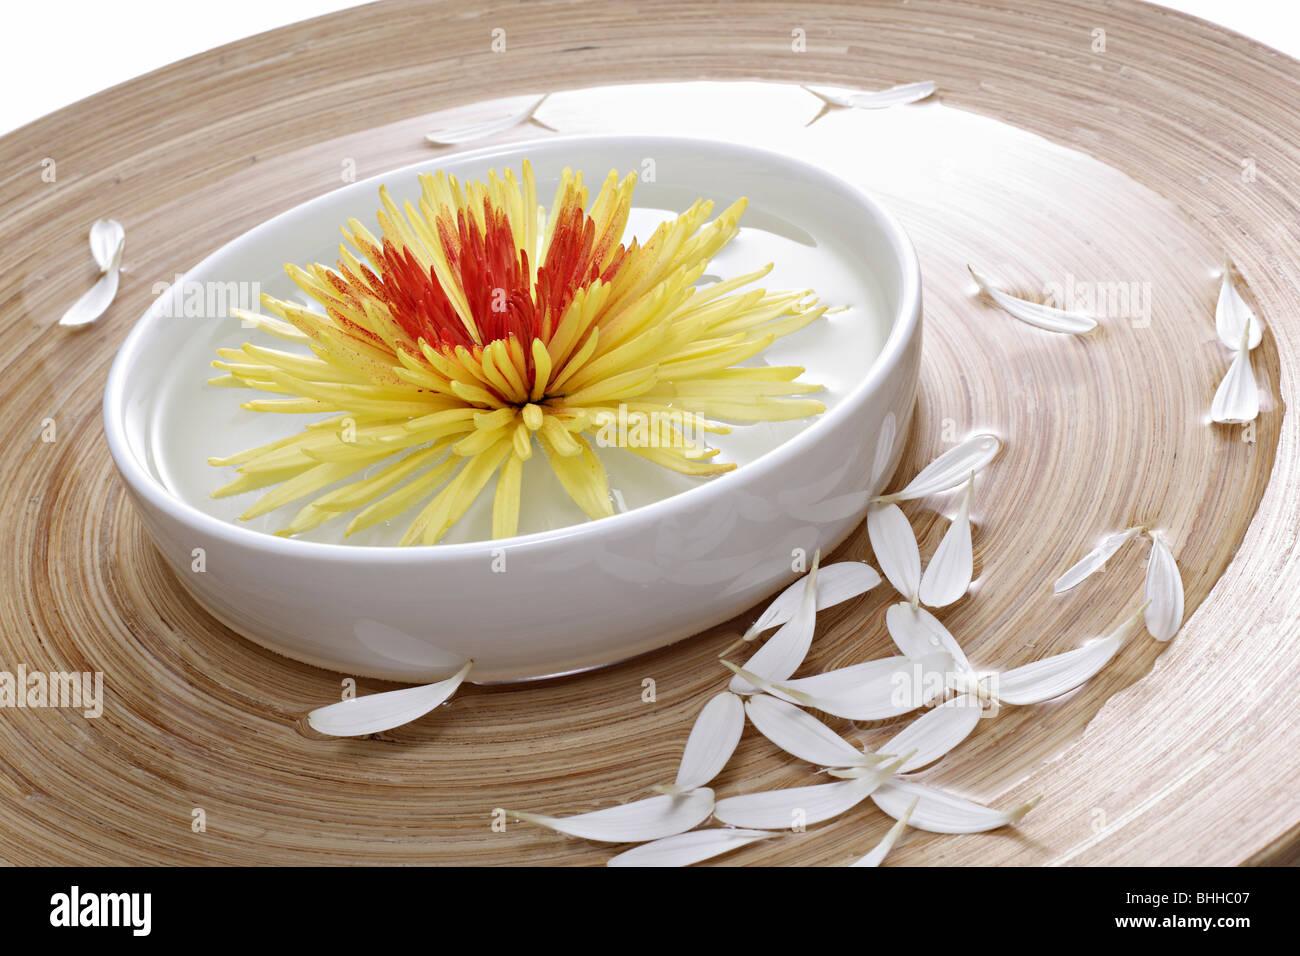 Holzschale und Porzellanschale mit Chrysantheme - Stock Image